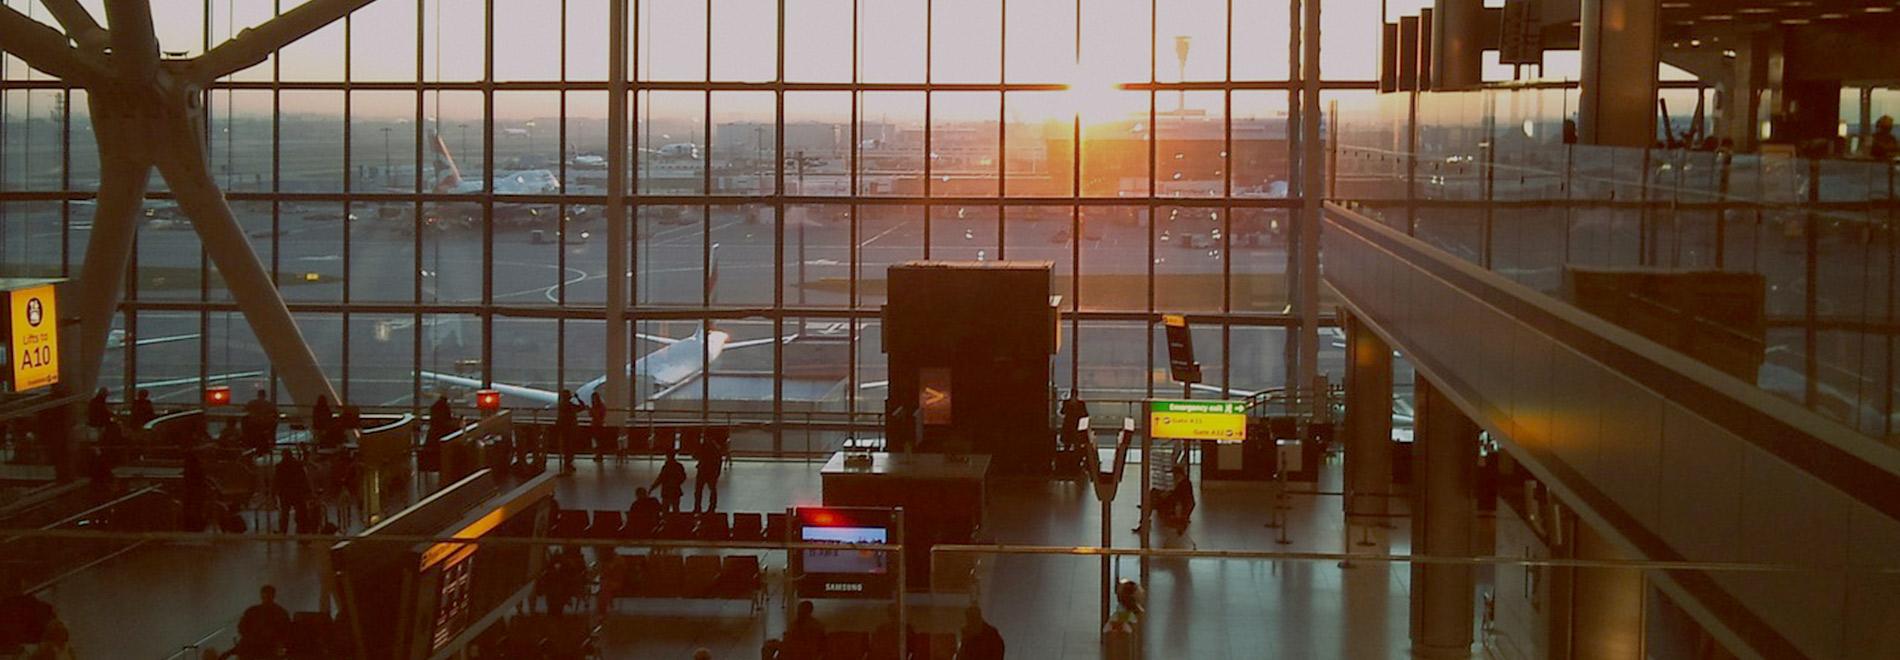 イメージ空港